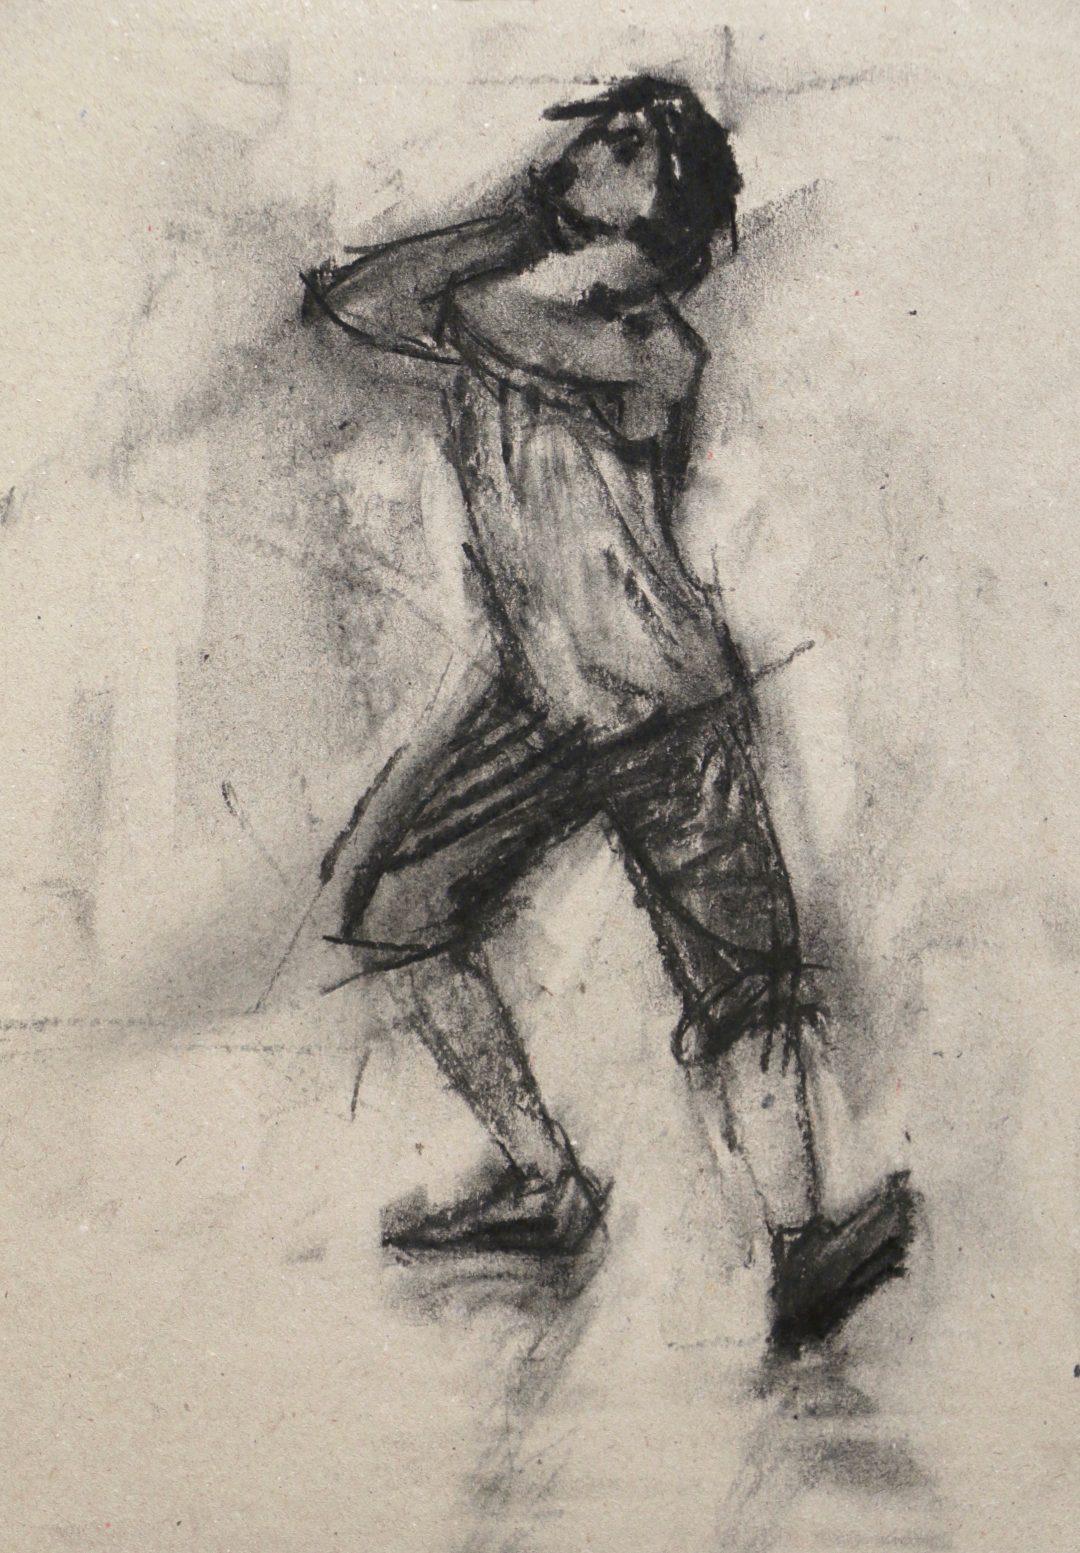 Ballet Cymru rehearsal 27(Miguel Fernandes) Carl Chapple Charcoal on cardboard, 21cm x 29cm, 2017